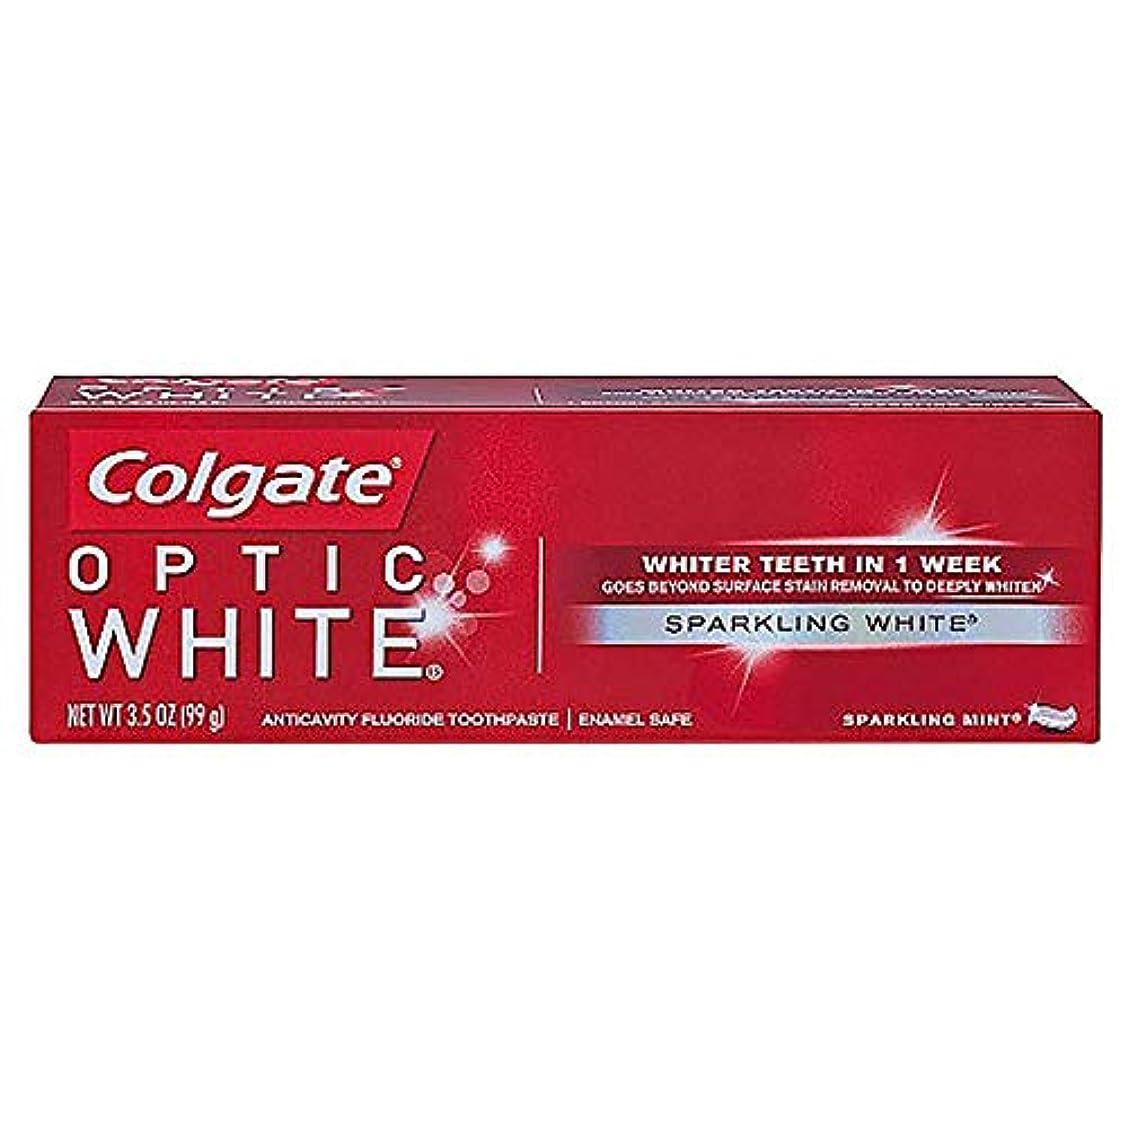 会計士三十百科事典コルゲート ホワイトニング Colgate Optic White Sparkling White 99g 白い歯 歯磨き粉 ミント